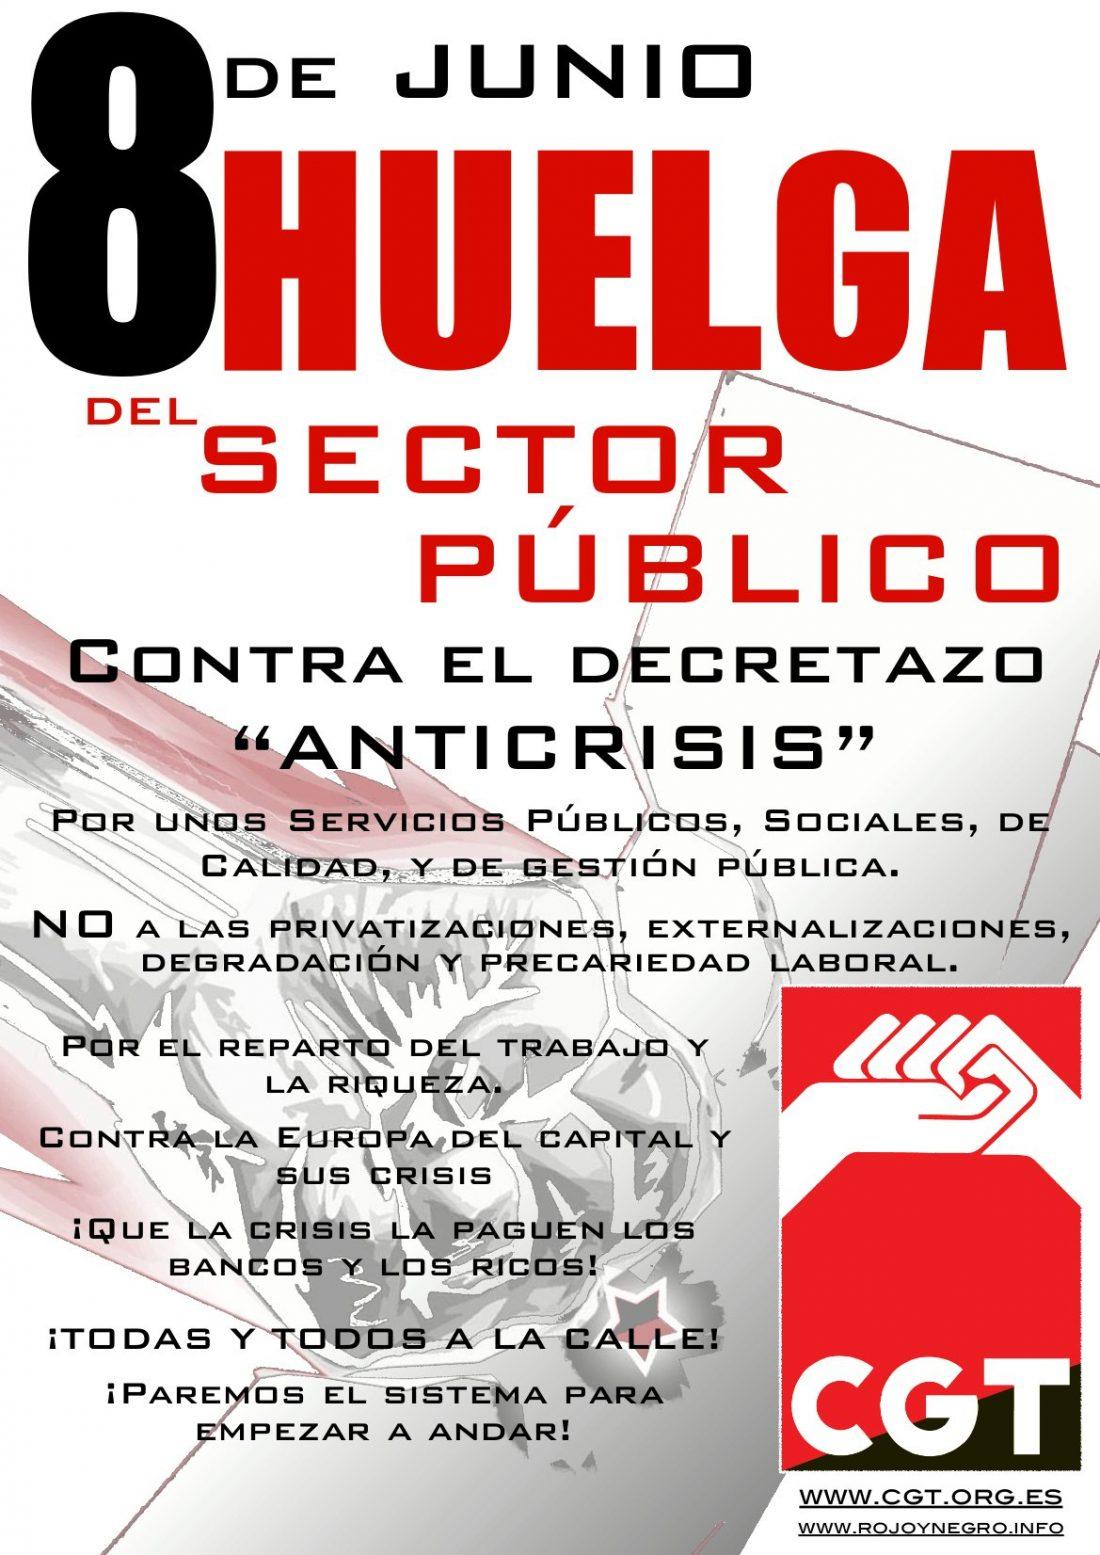 Comunicado de la Federación de Adm. Pública de la CGT: «El auténtico porqué de una Huelga»